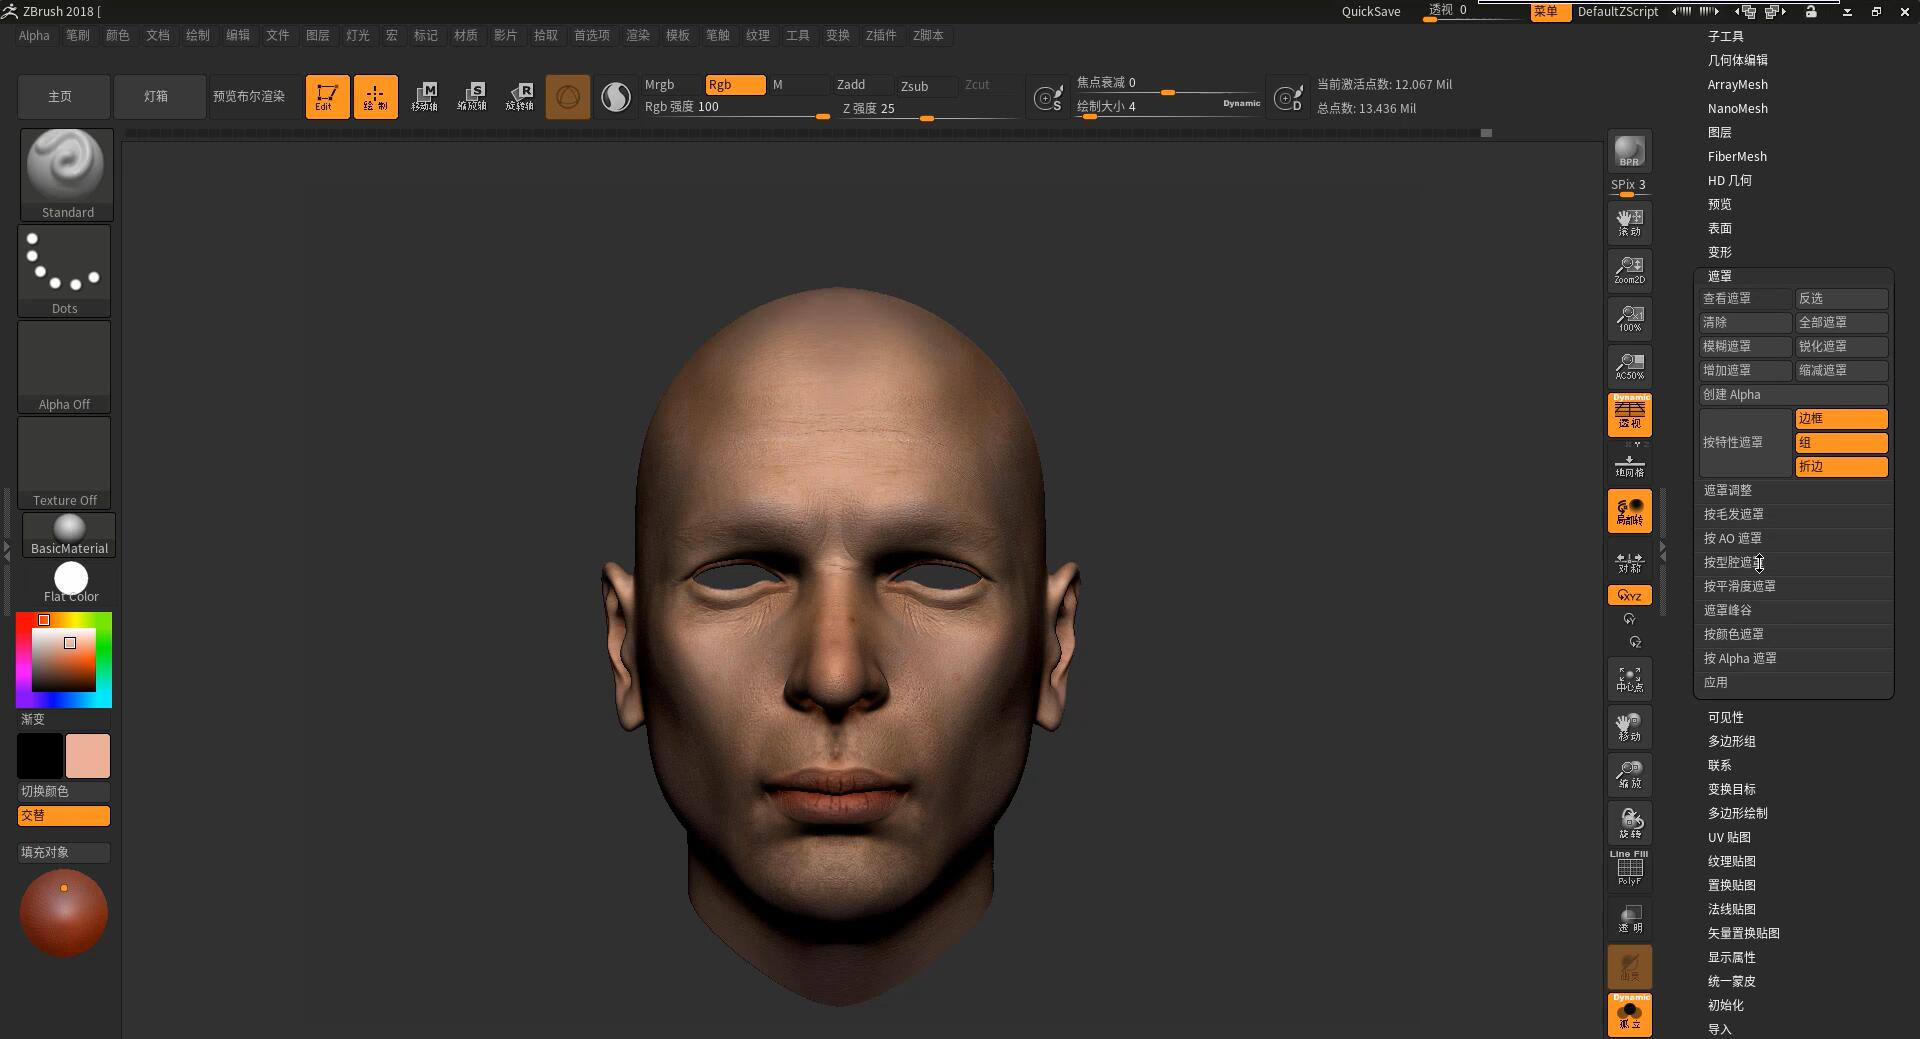 脸部照片建模软件FaceGen和ZBrush2018配合制作高精度人头